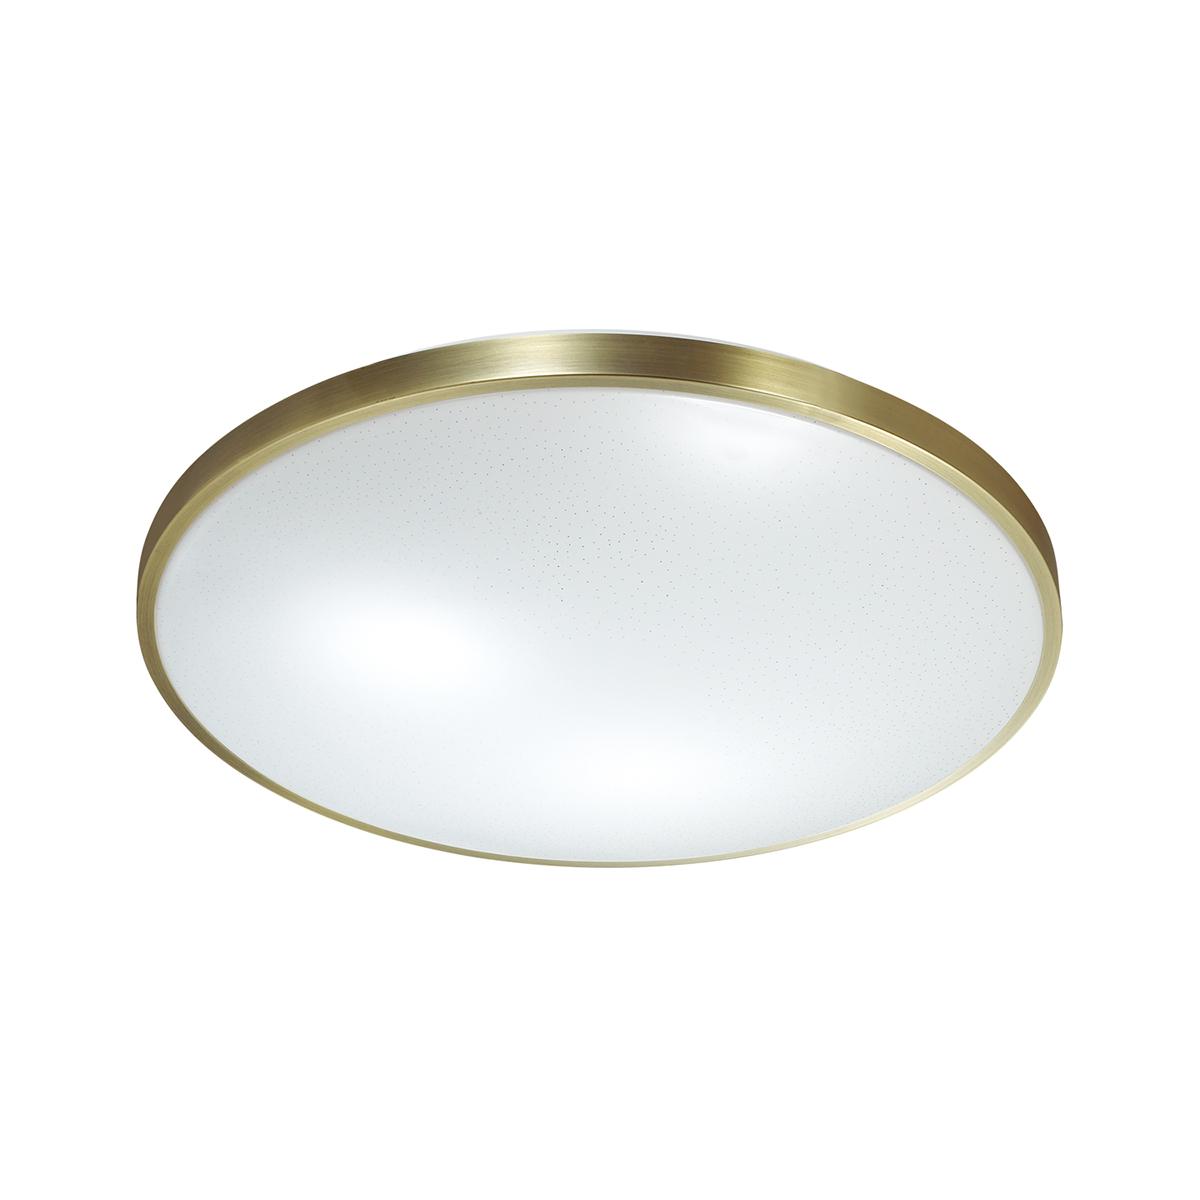 Потолочные светильники 2089/DL LOTA BRONZE Sonex